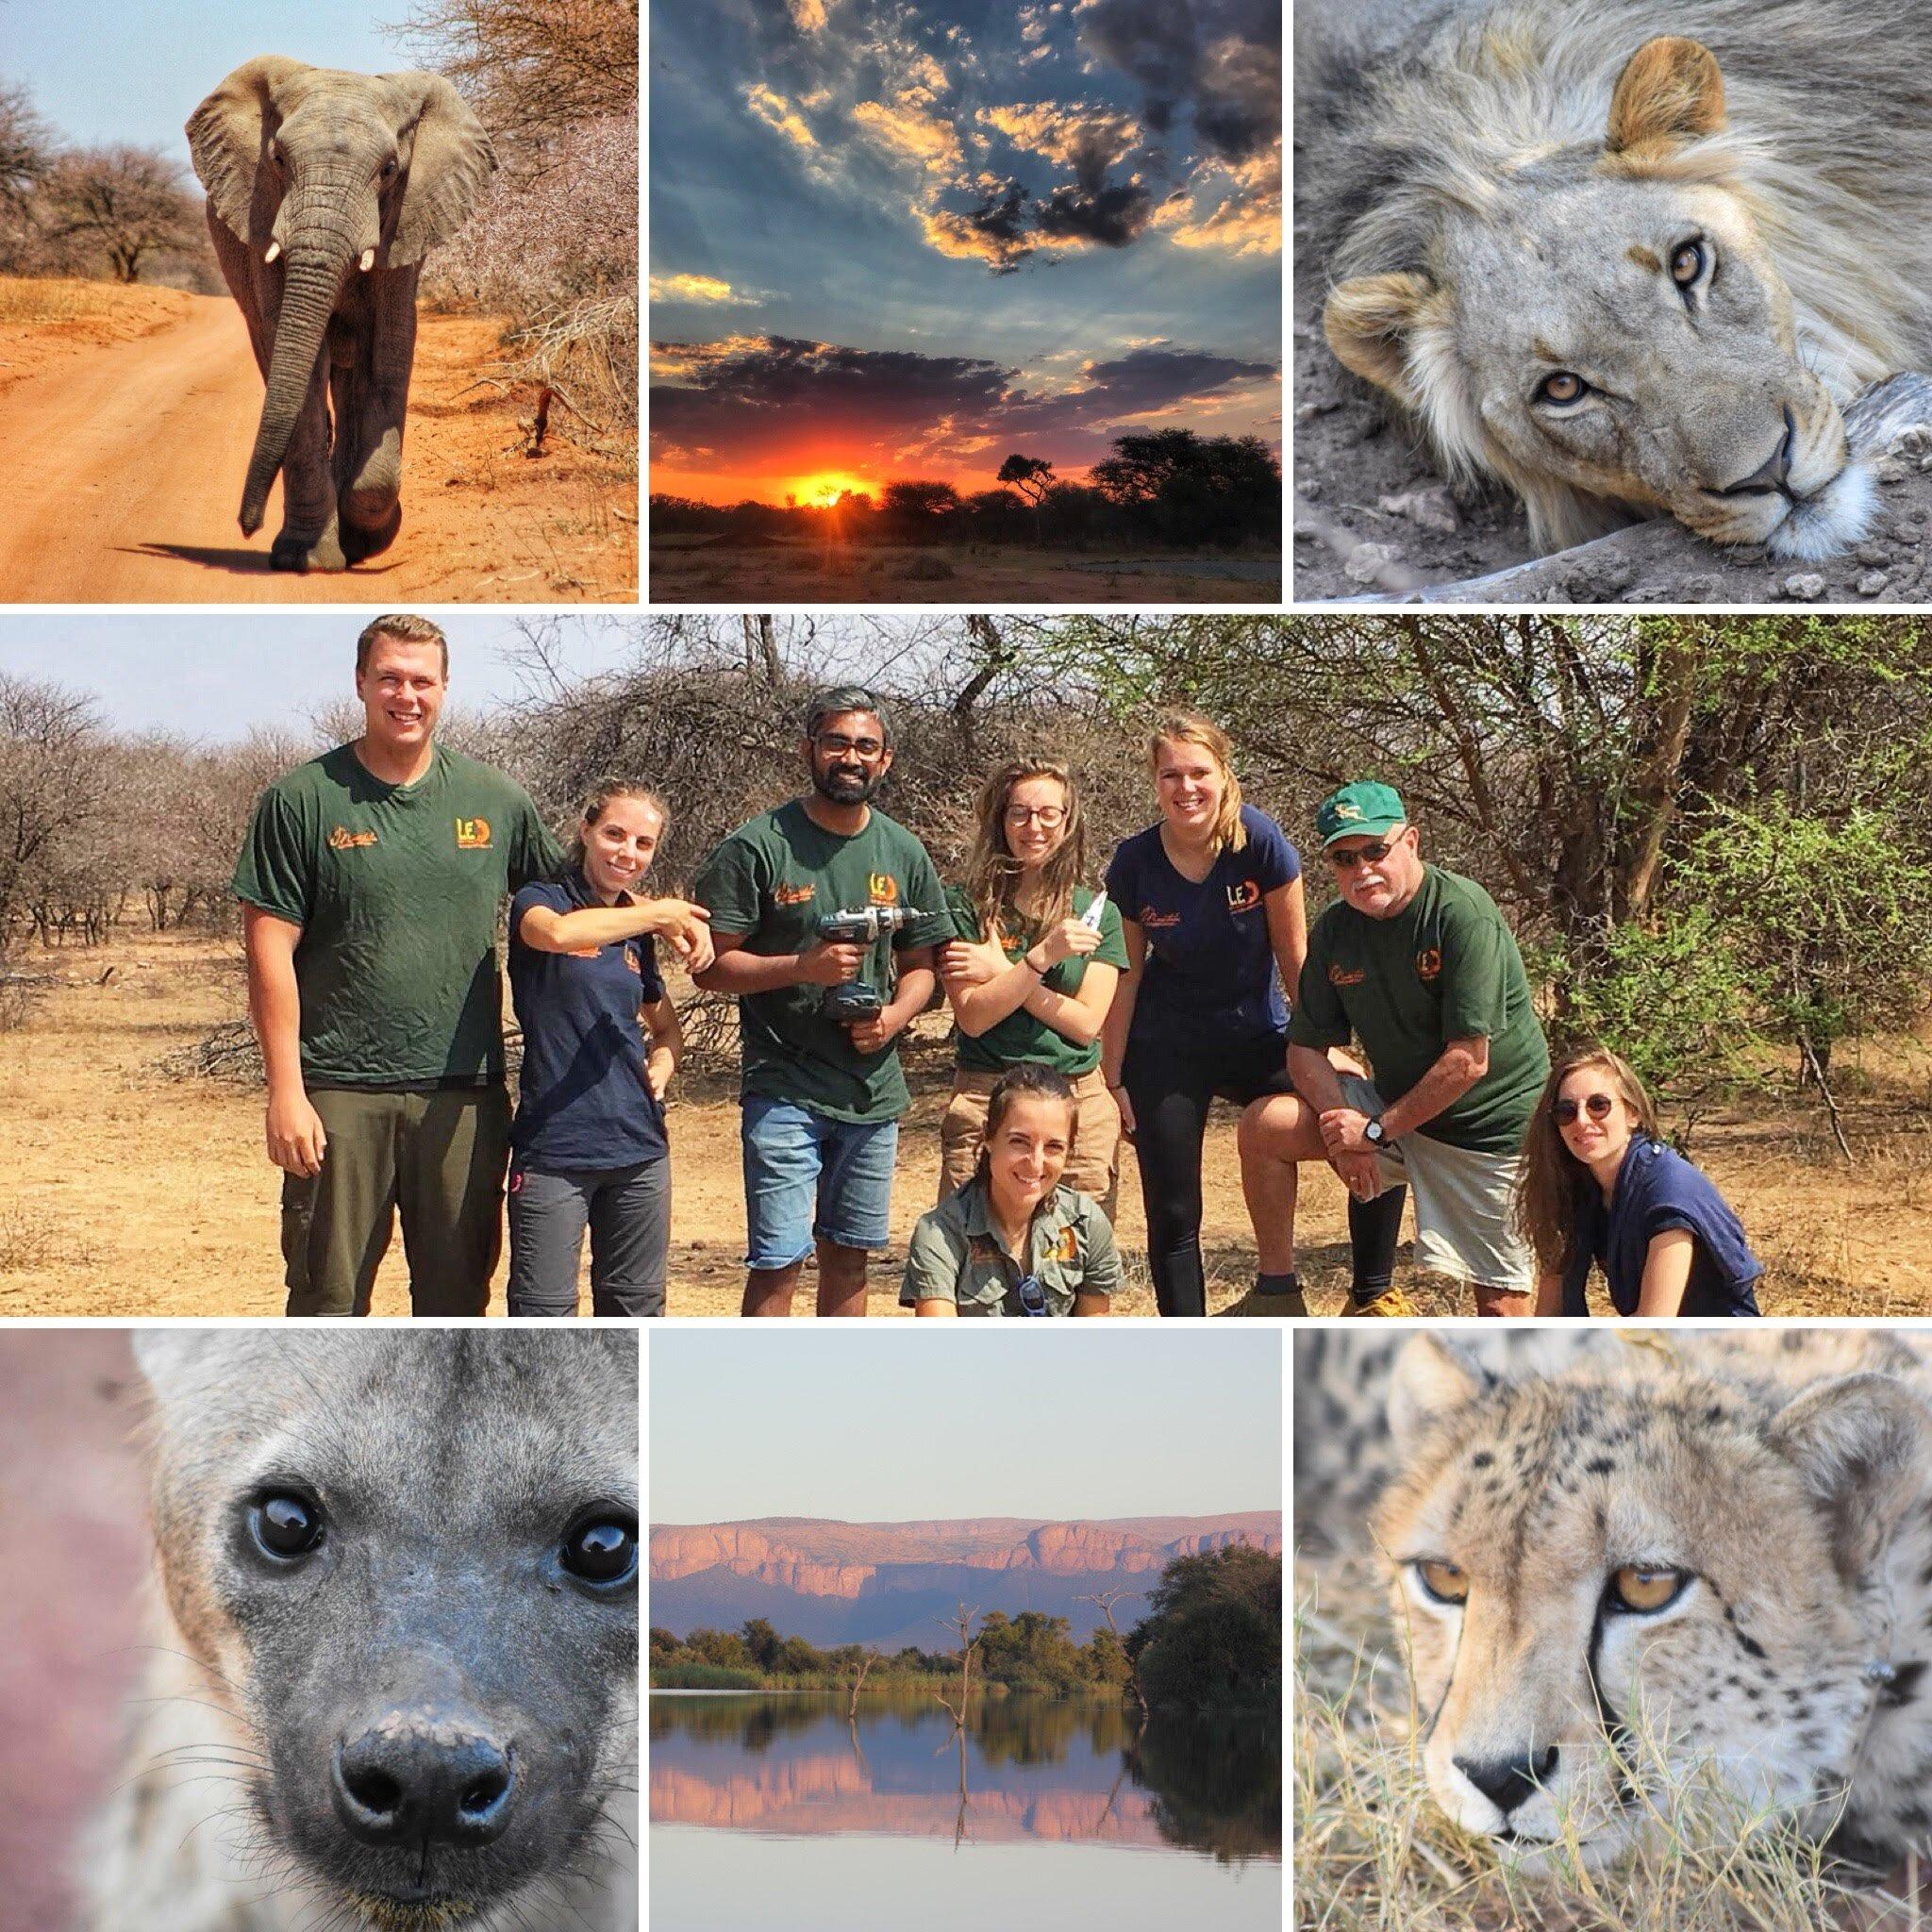 Etelä-Afrikassa pääset auttamaan norsuja, leijonia, kirahveja ja muita isoja kansallispuiston eläimiä.